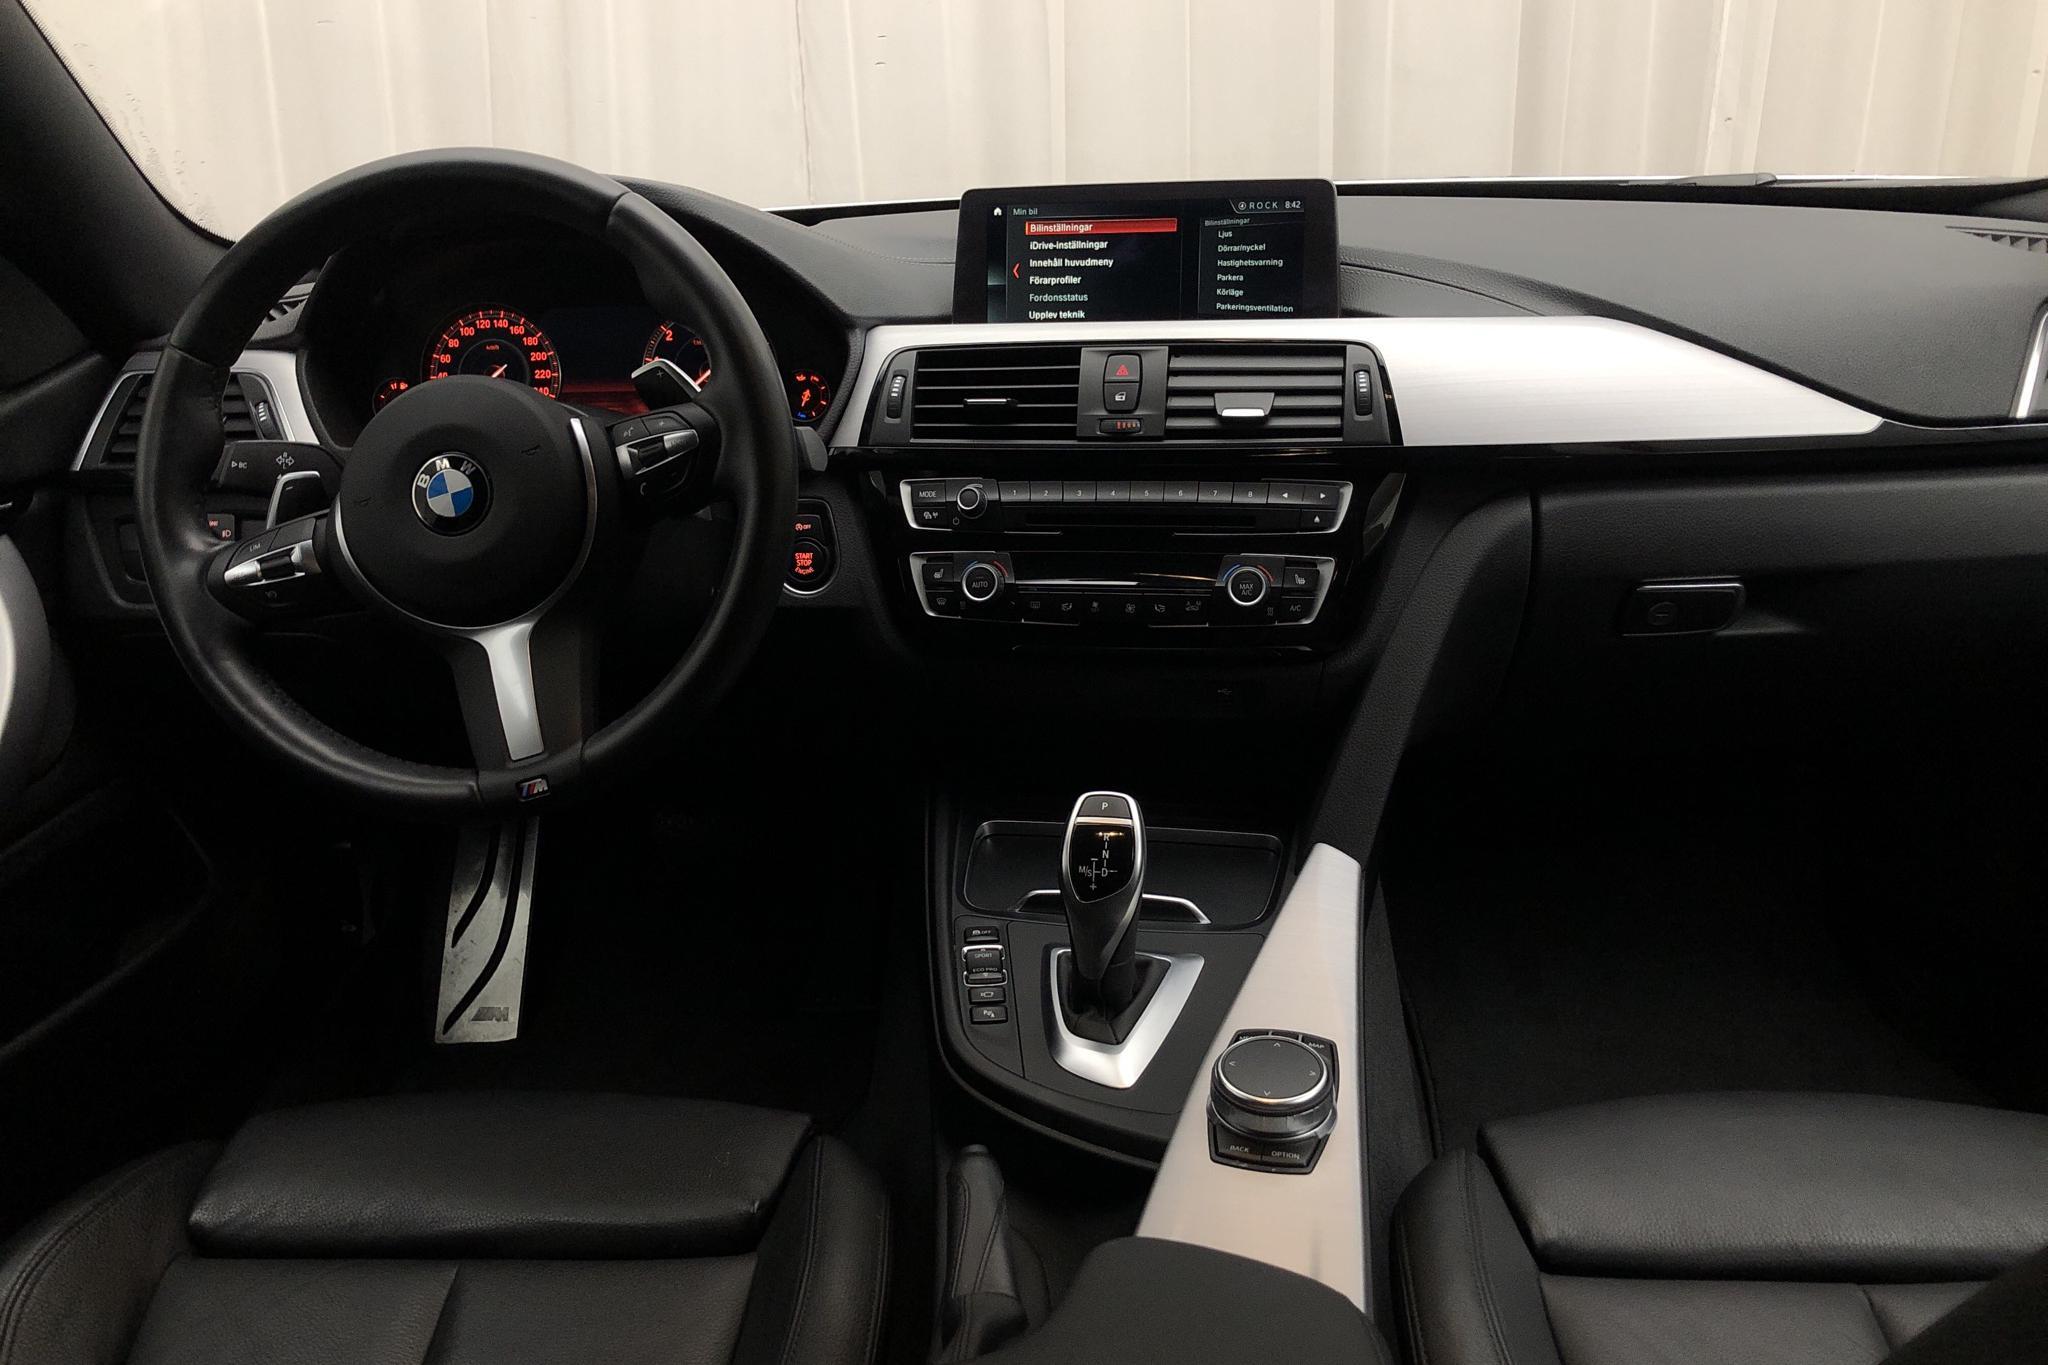 BMW 430i xDrive Gran Coupé, F36 (252hk) - 54 140 km - Automatic - silver - 2018